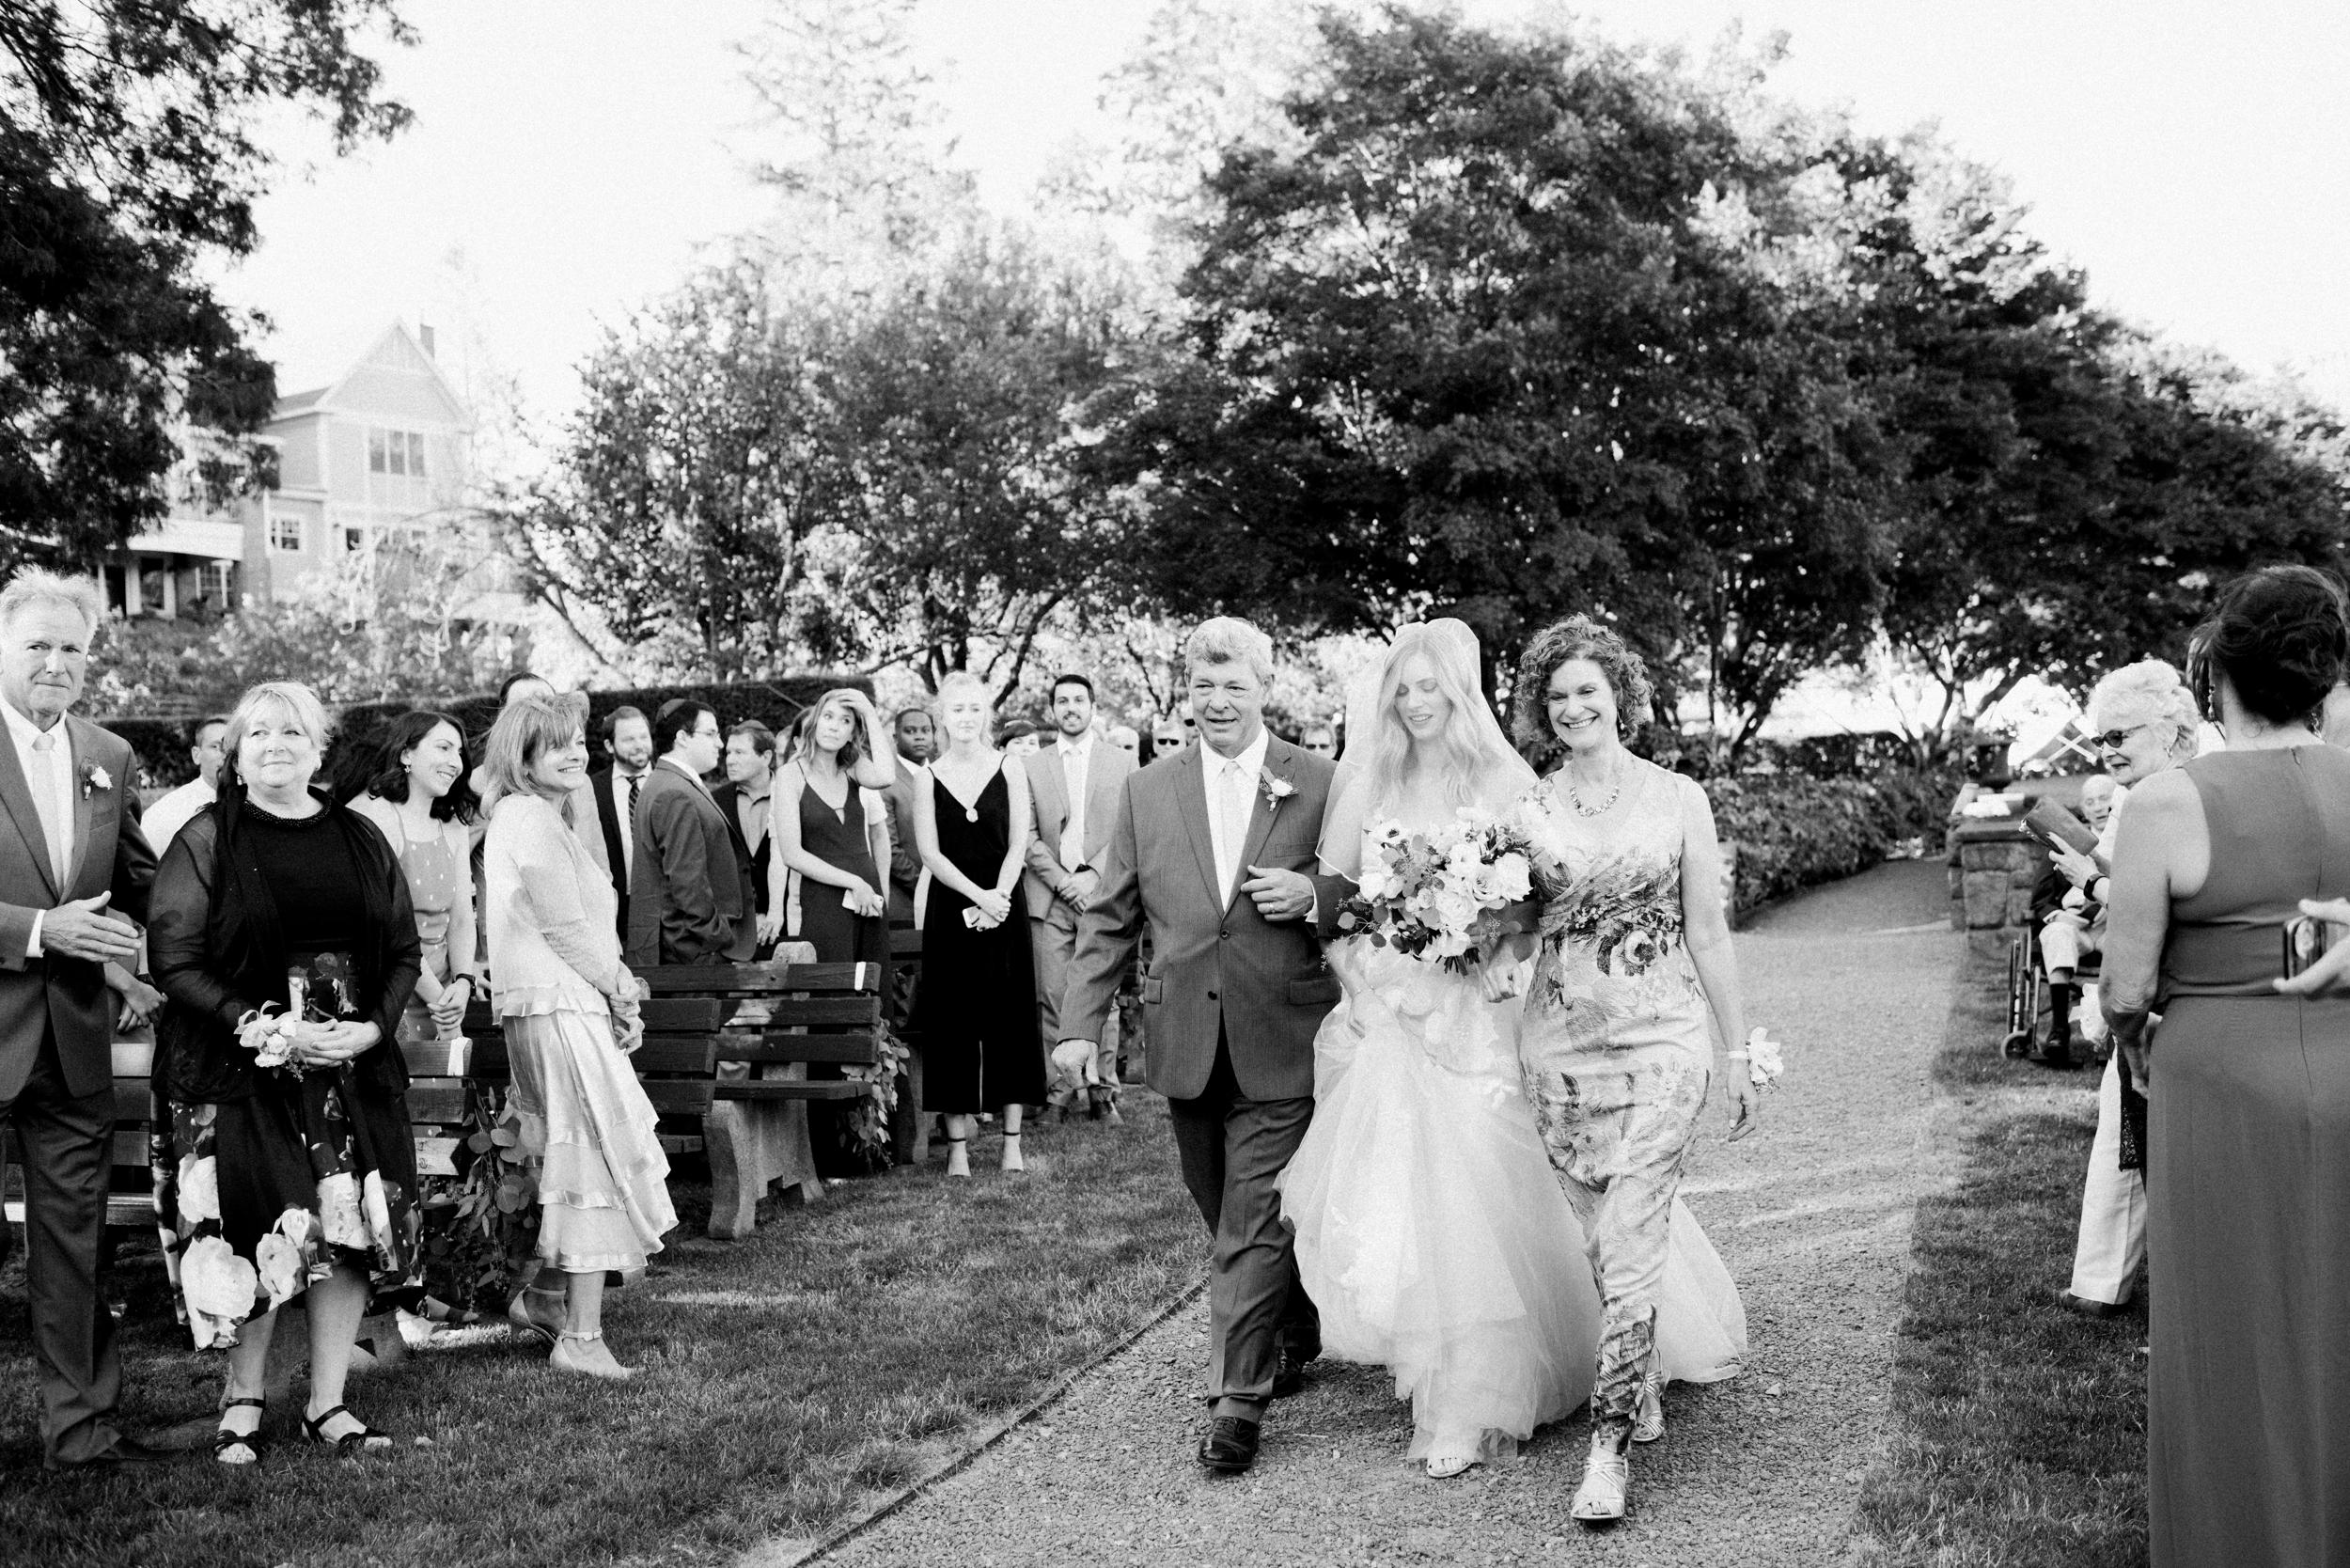 Outdoor Wedding Ceremony in the Berkshires